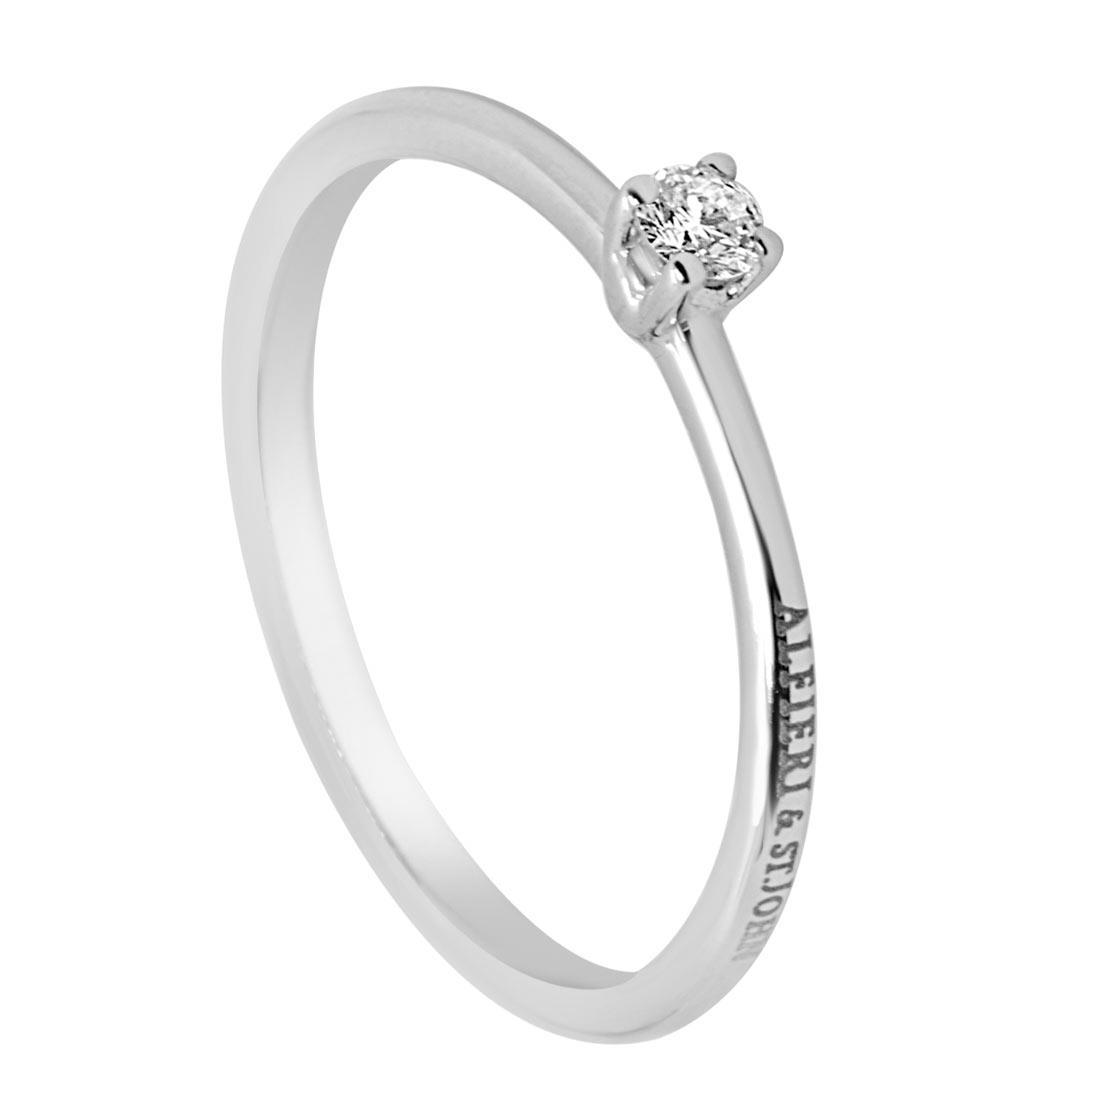 Anello solitario in oro bianco con diamante 0,08 ct mis 14 - ALFIERI & ST. JOHN